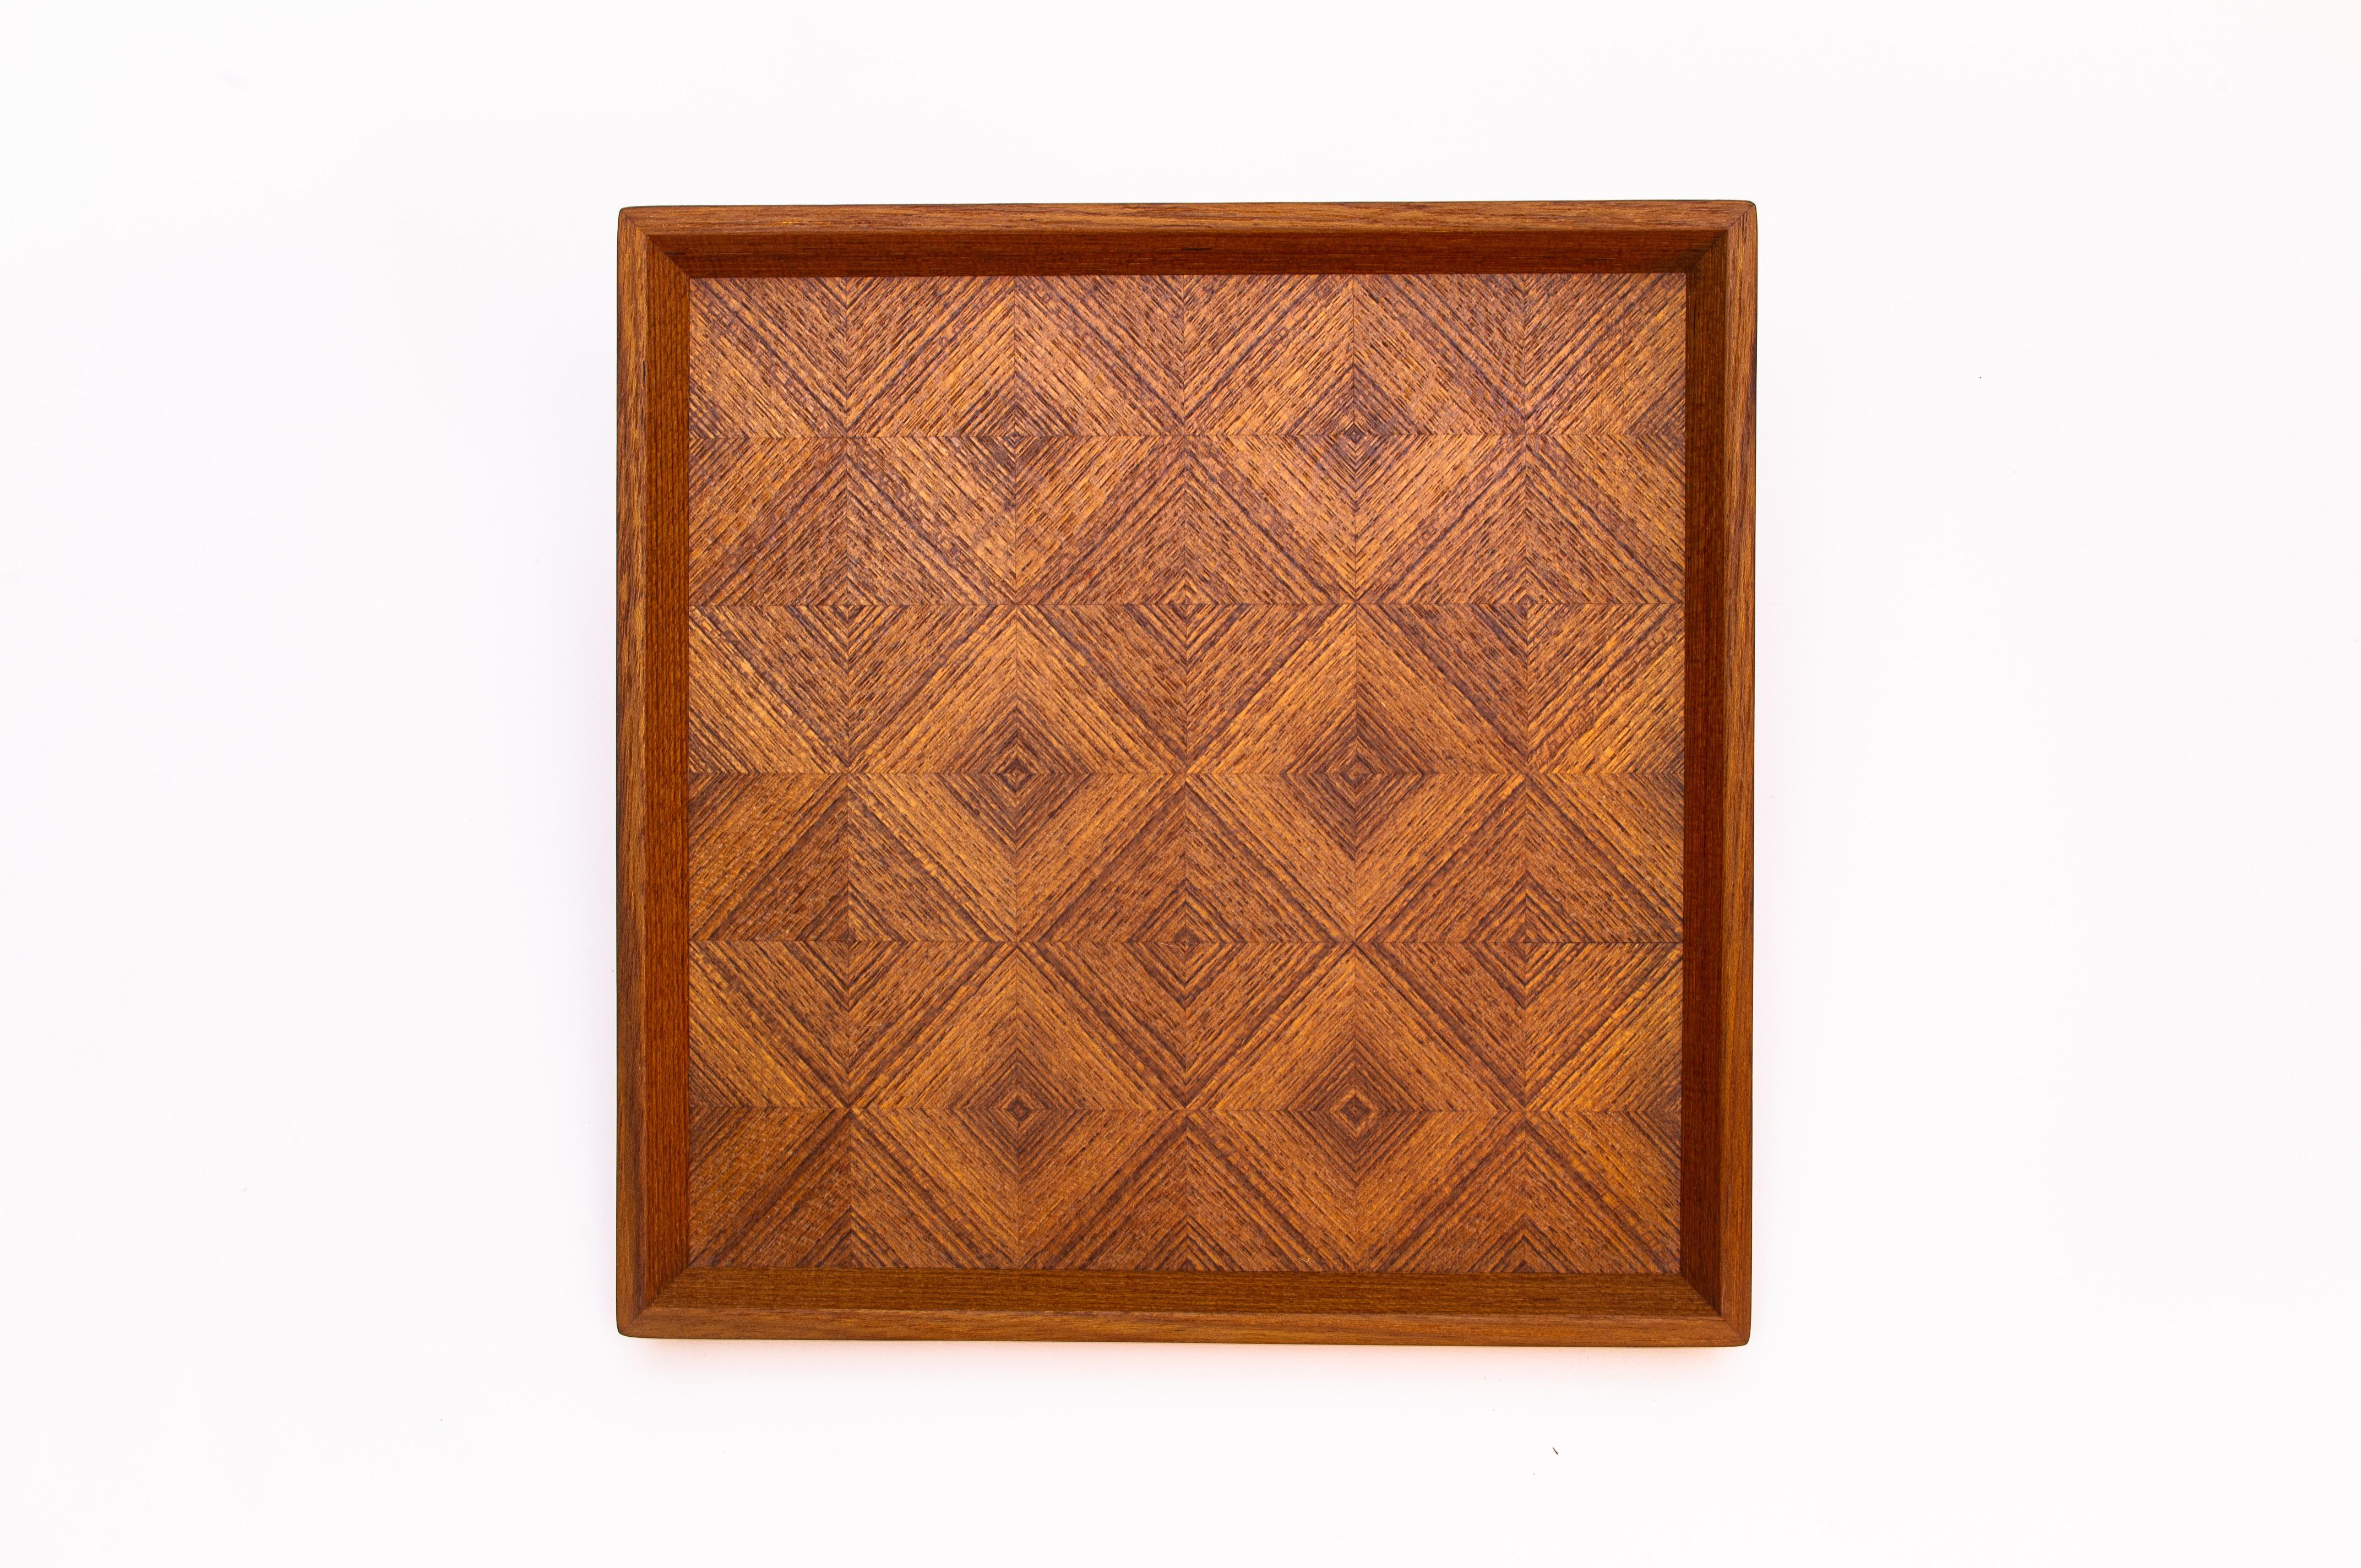 ブビンガ 市松模様正方形のトレー CBBG-0310